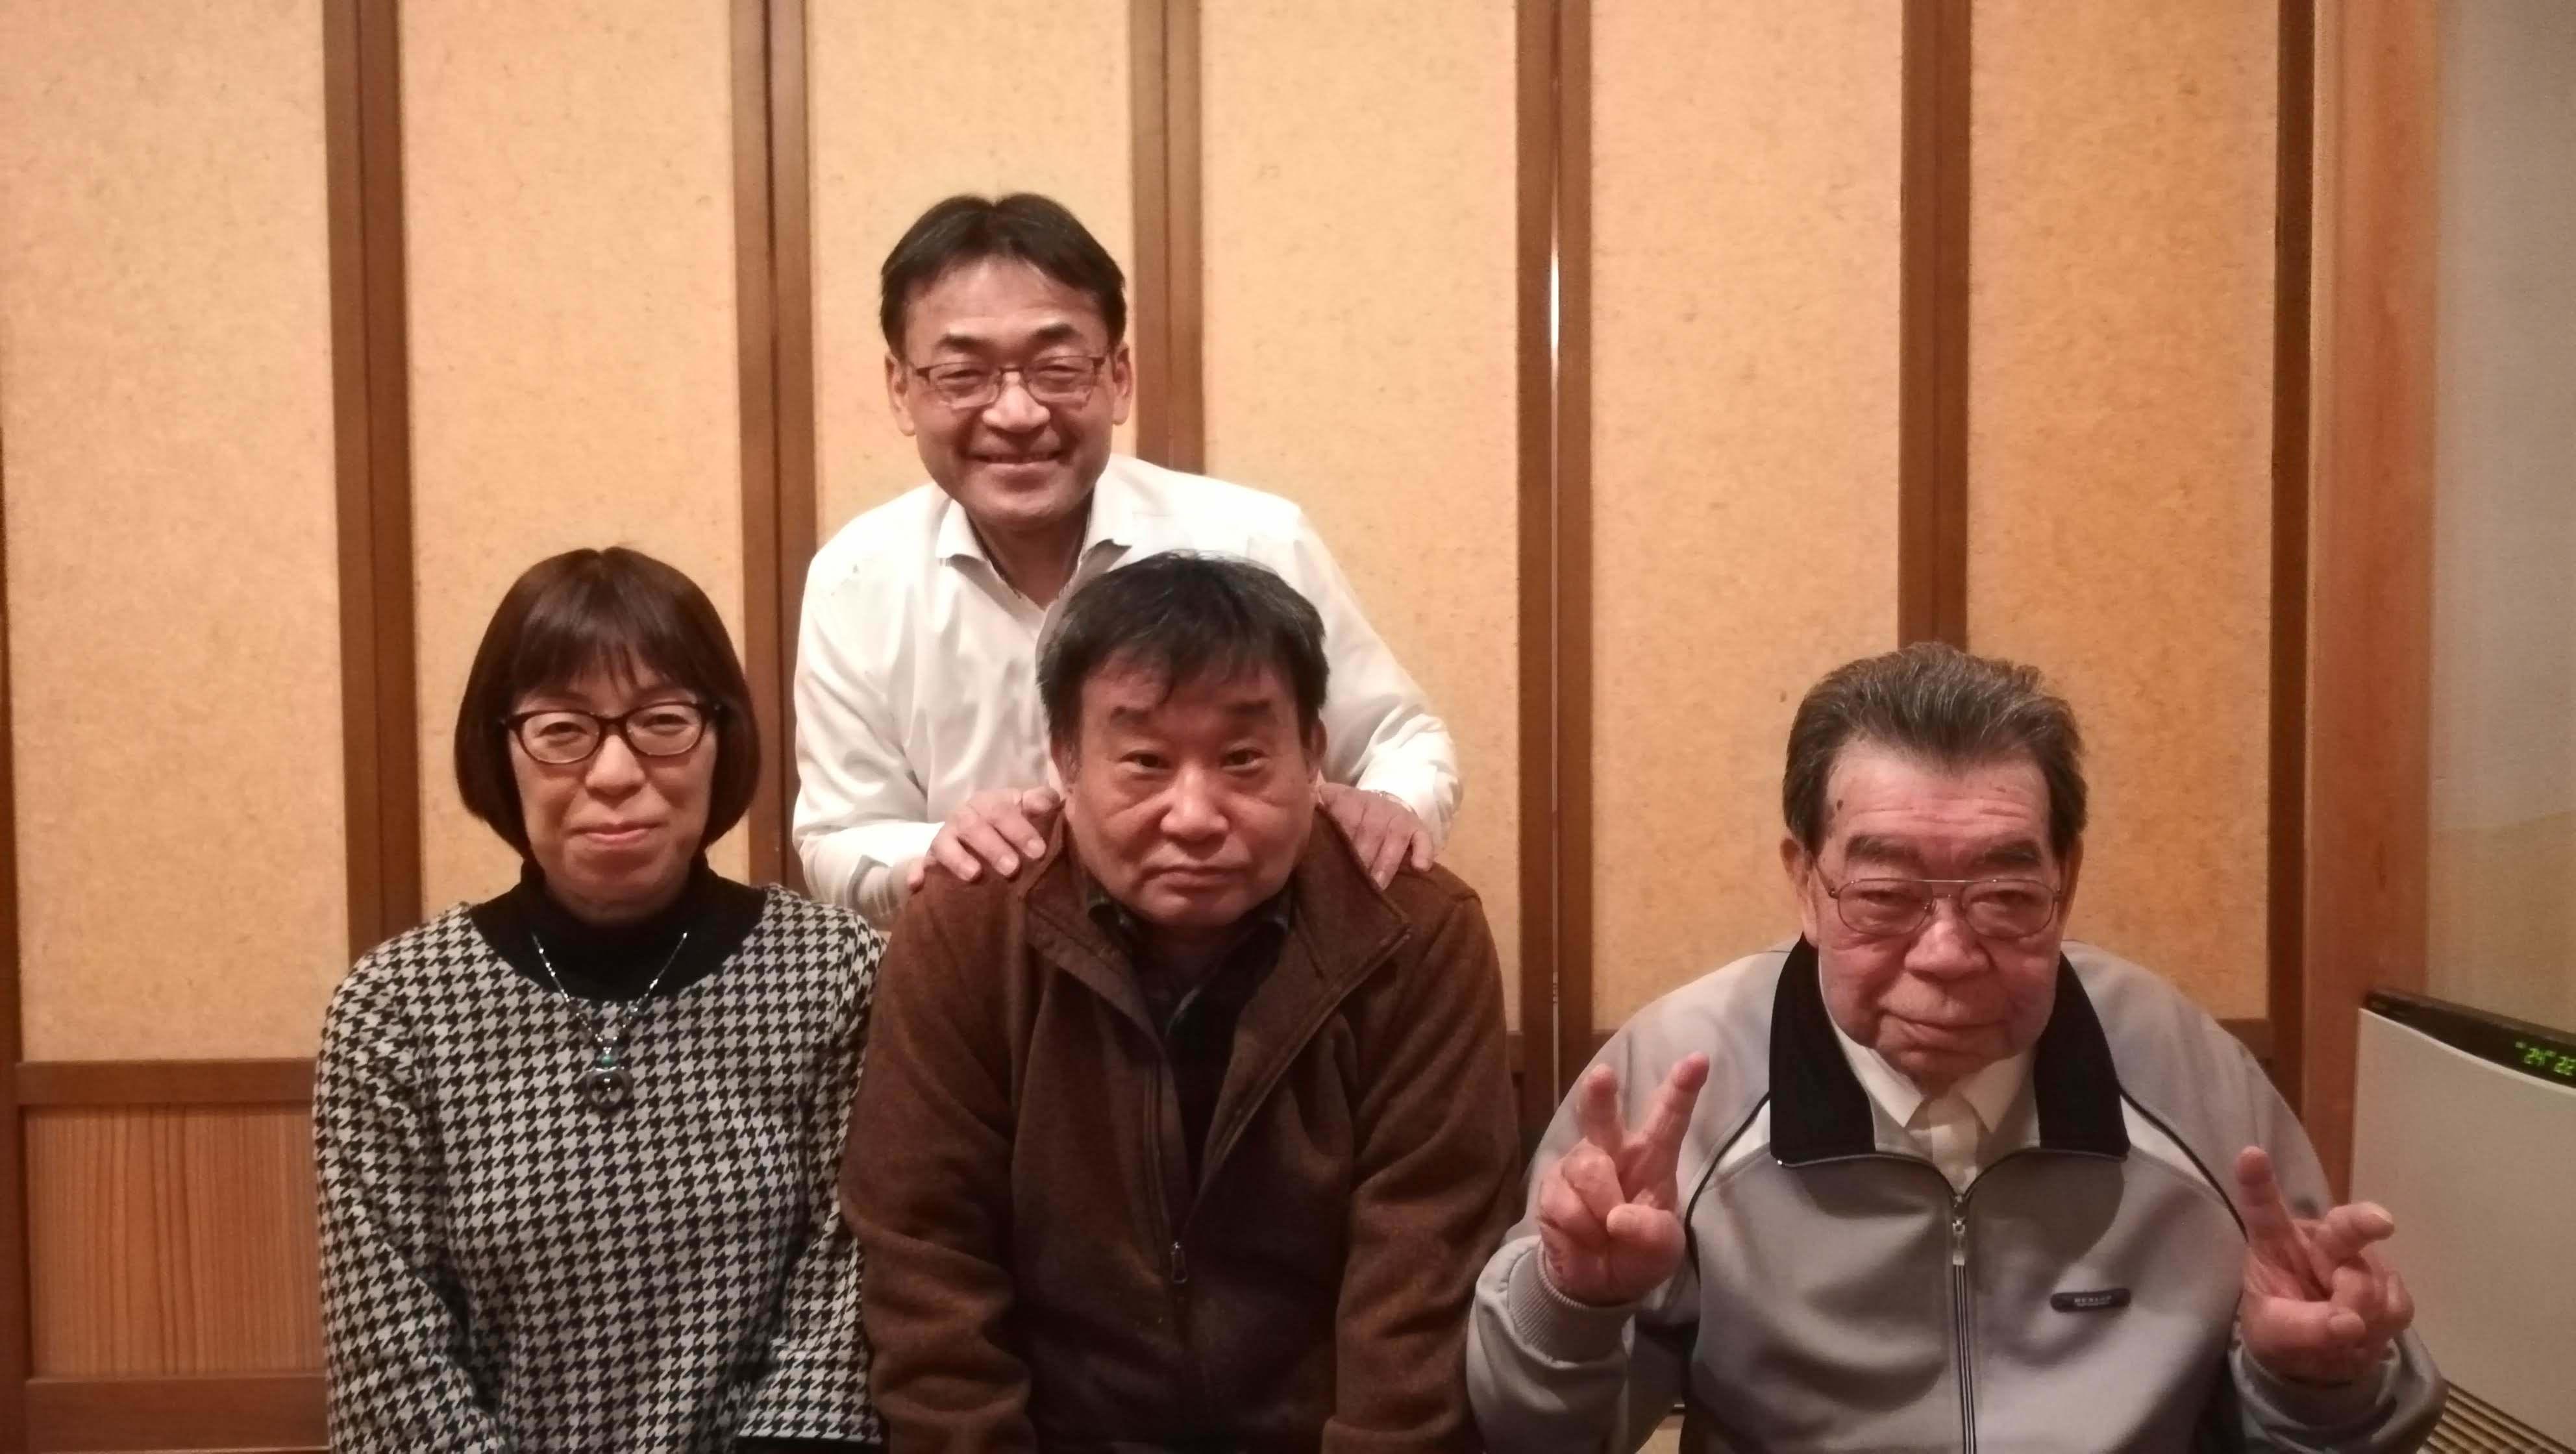 定年のお祝い&羽田さとみさんセレモニー_c0193896_14063355.jpg